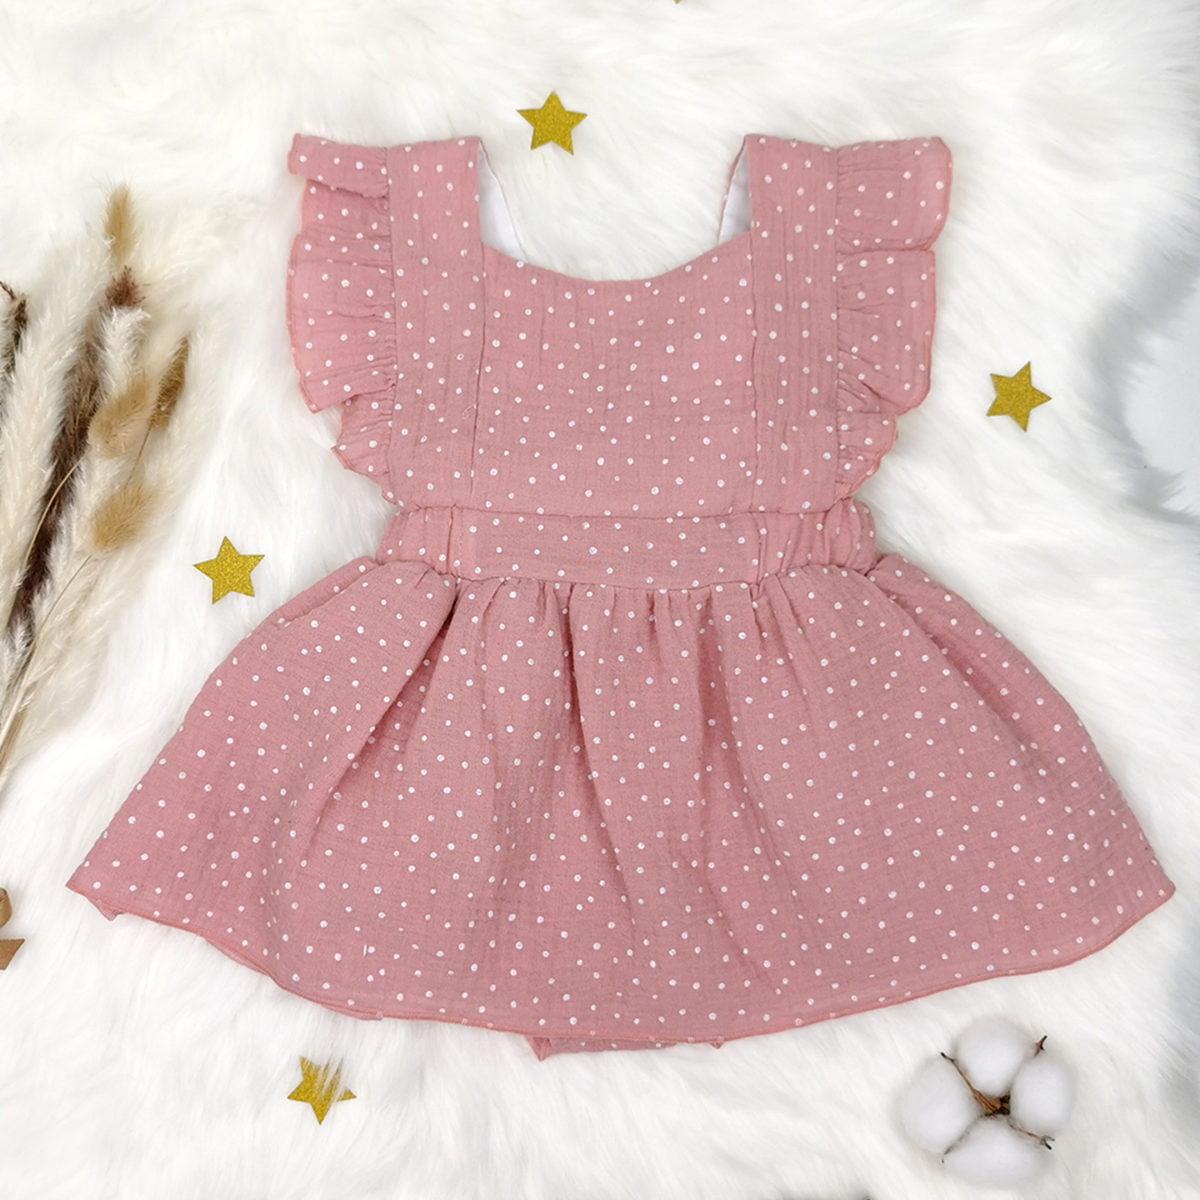 roza točkasta bodi haljina za bebe